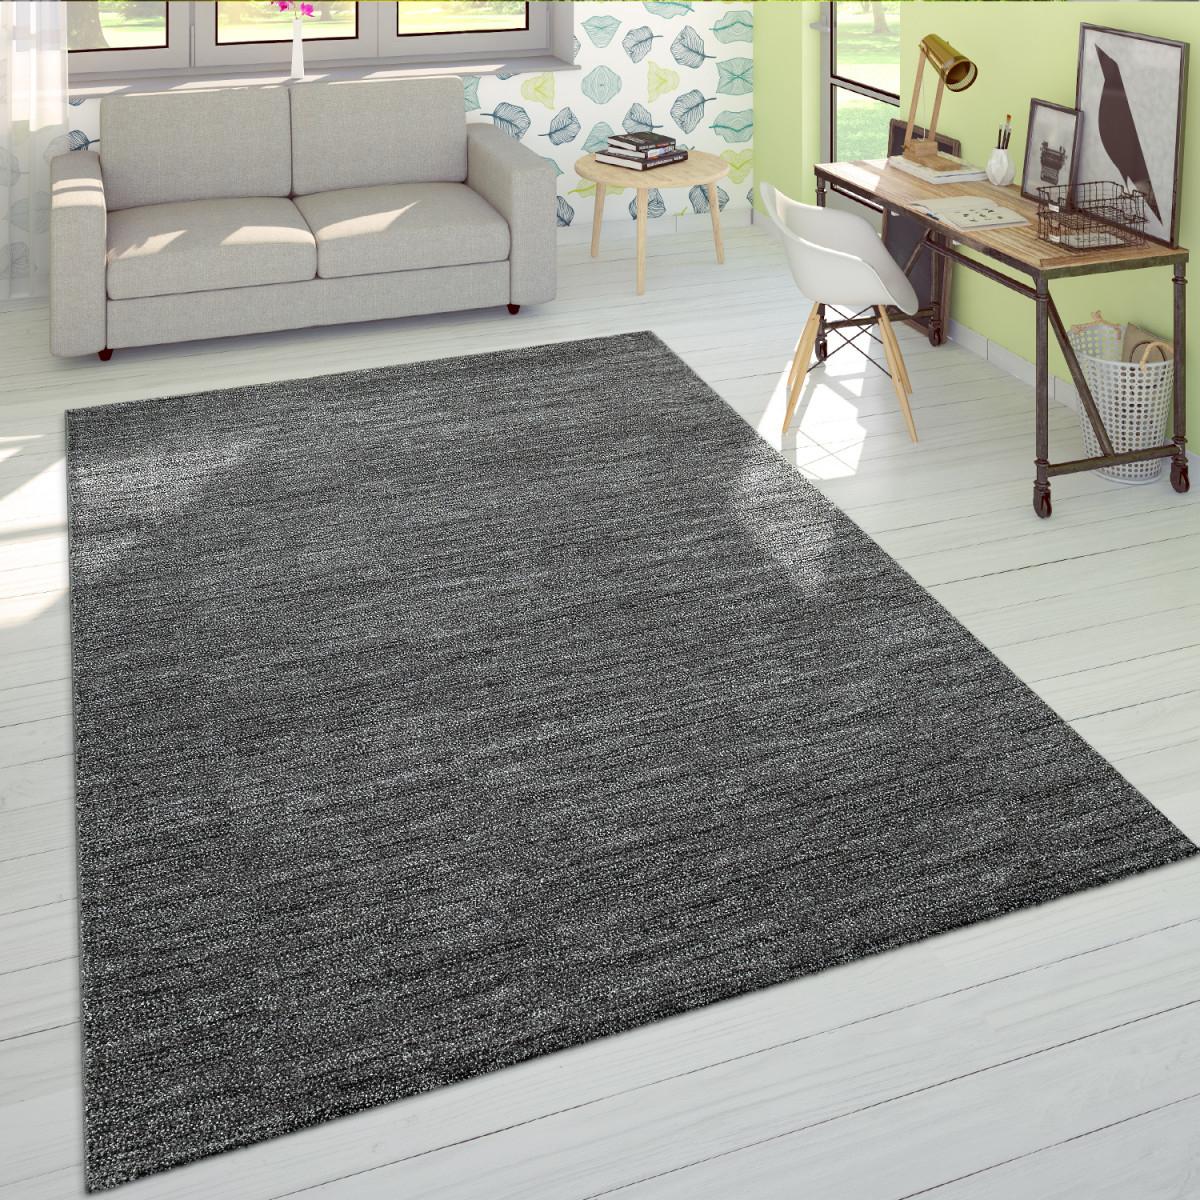 Wohnzimmerteppich Einfarbiger Kurzflor Mit Veloursgewebe In Meliertem  Grau von Wohnzimmer Teppich 140X200 Bild